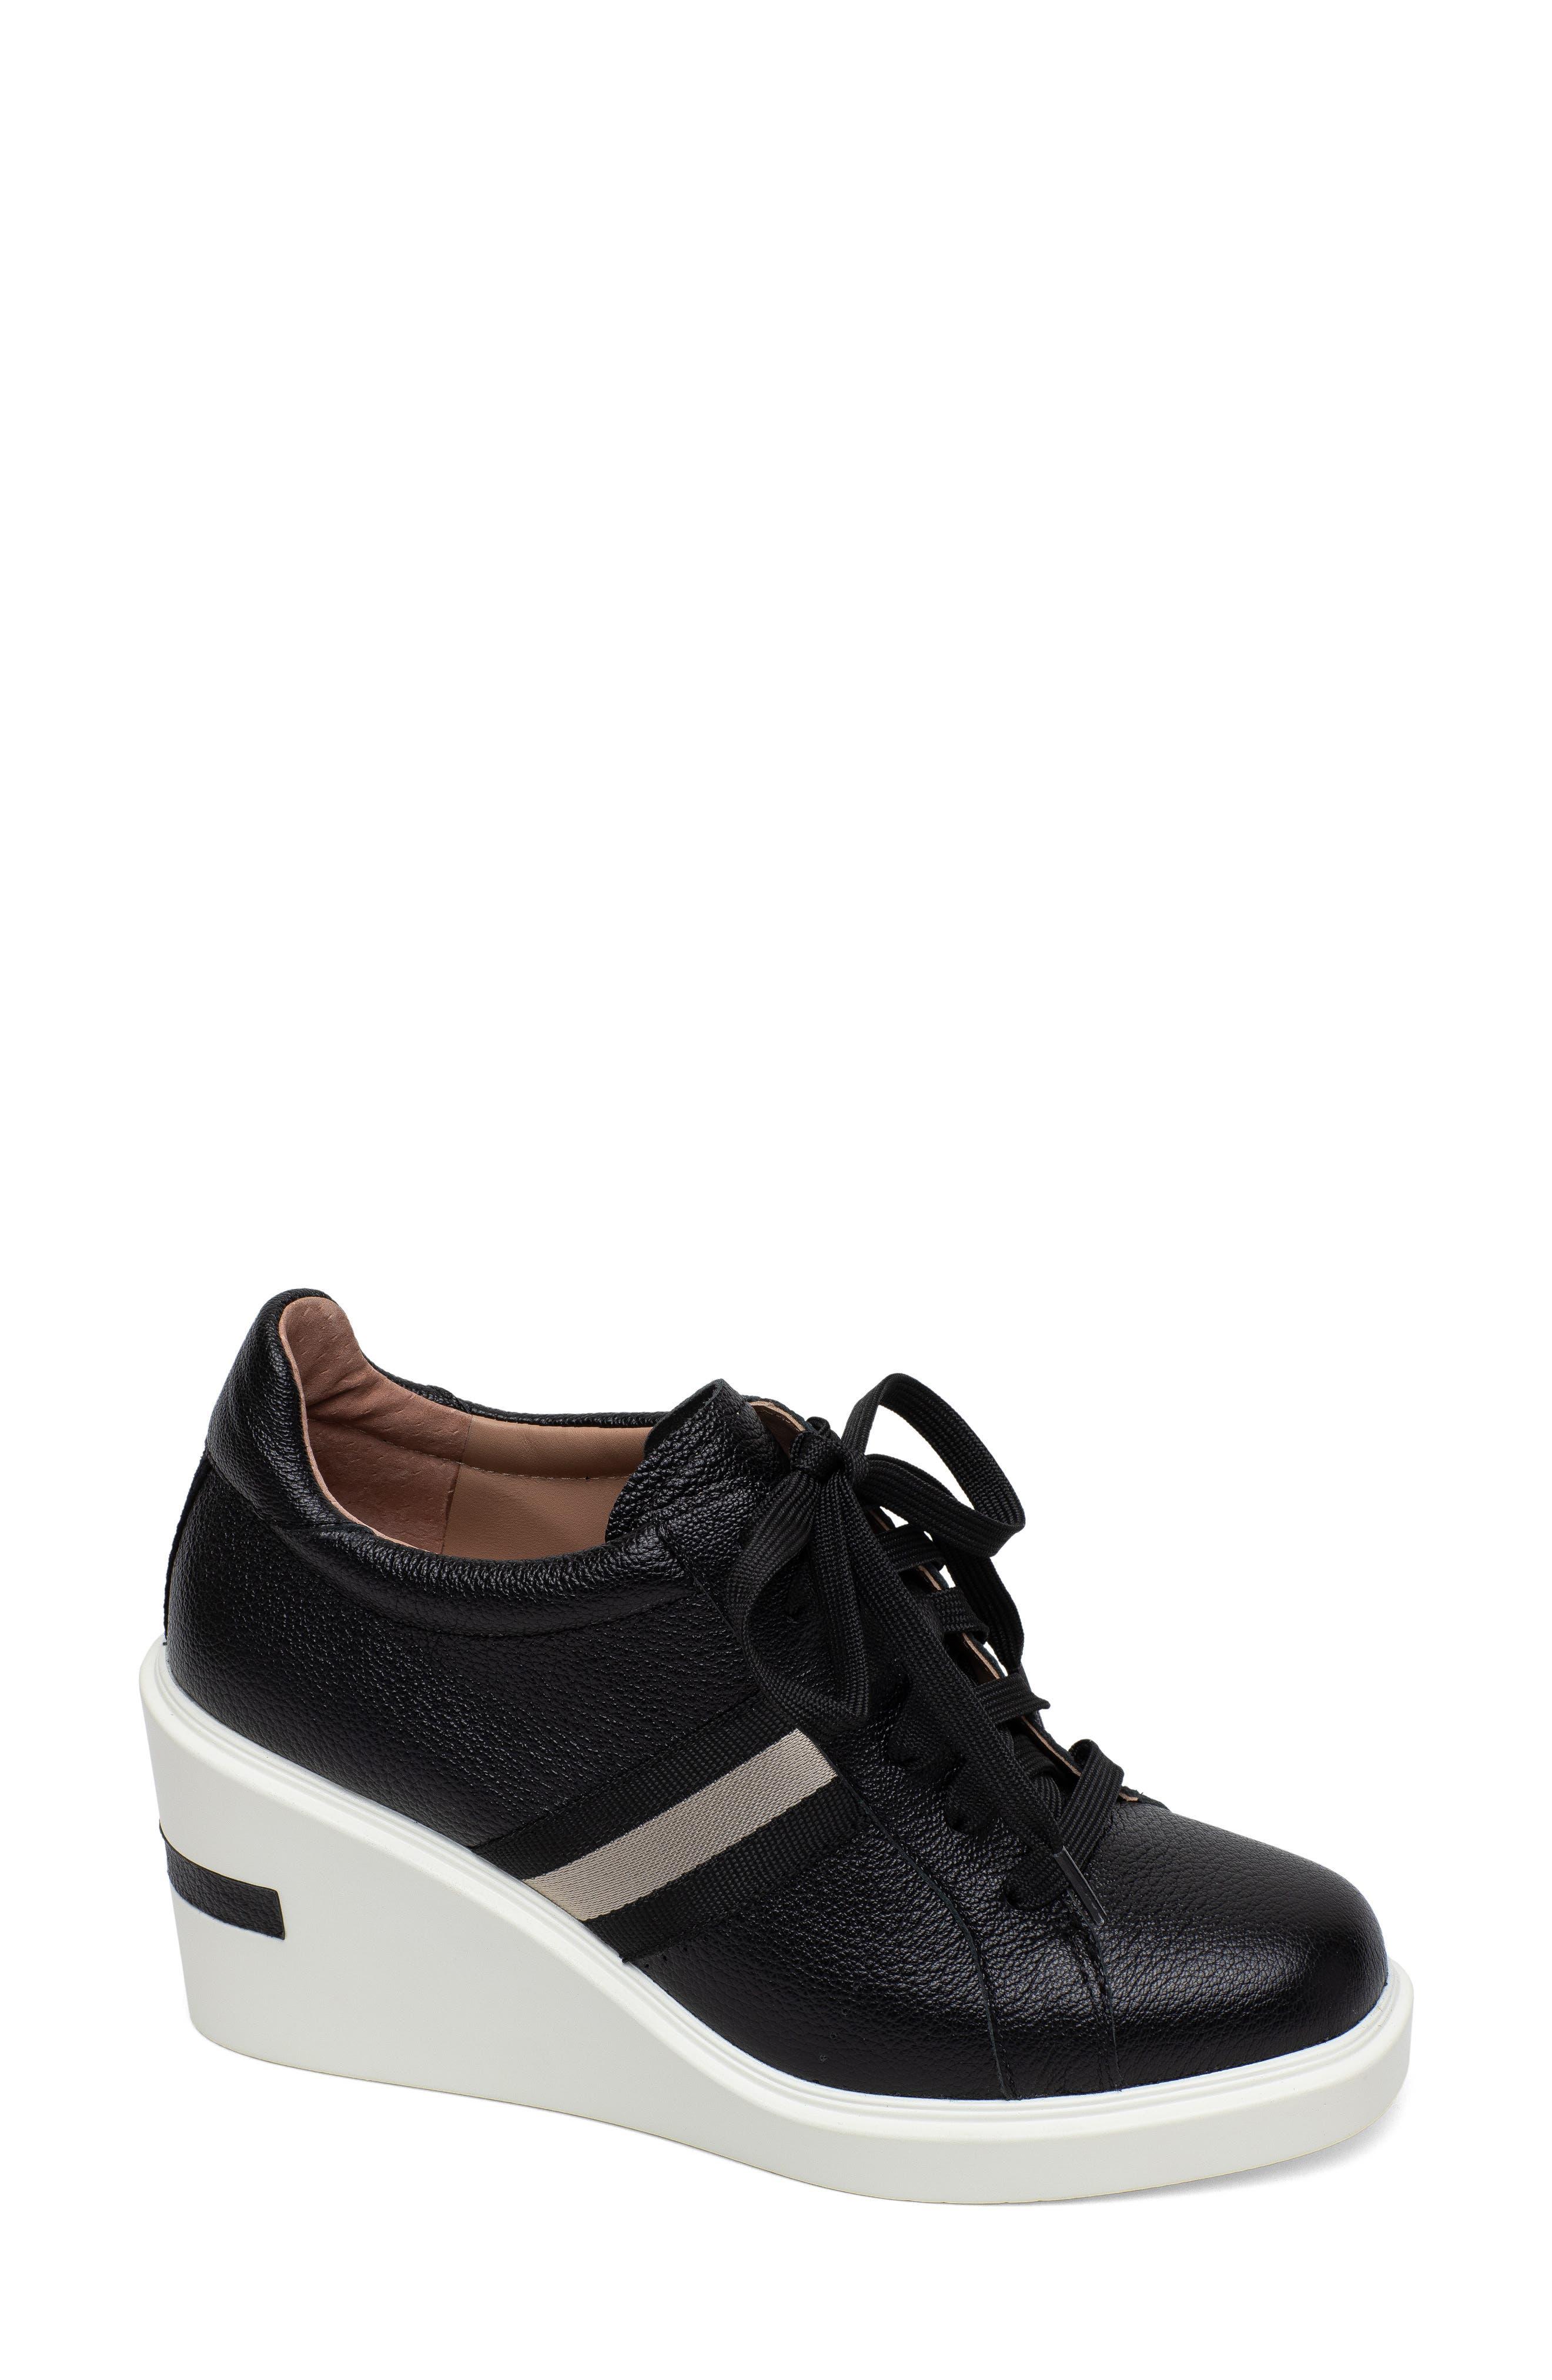 Kandis Wedge Sneaker